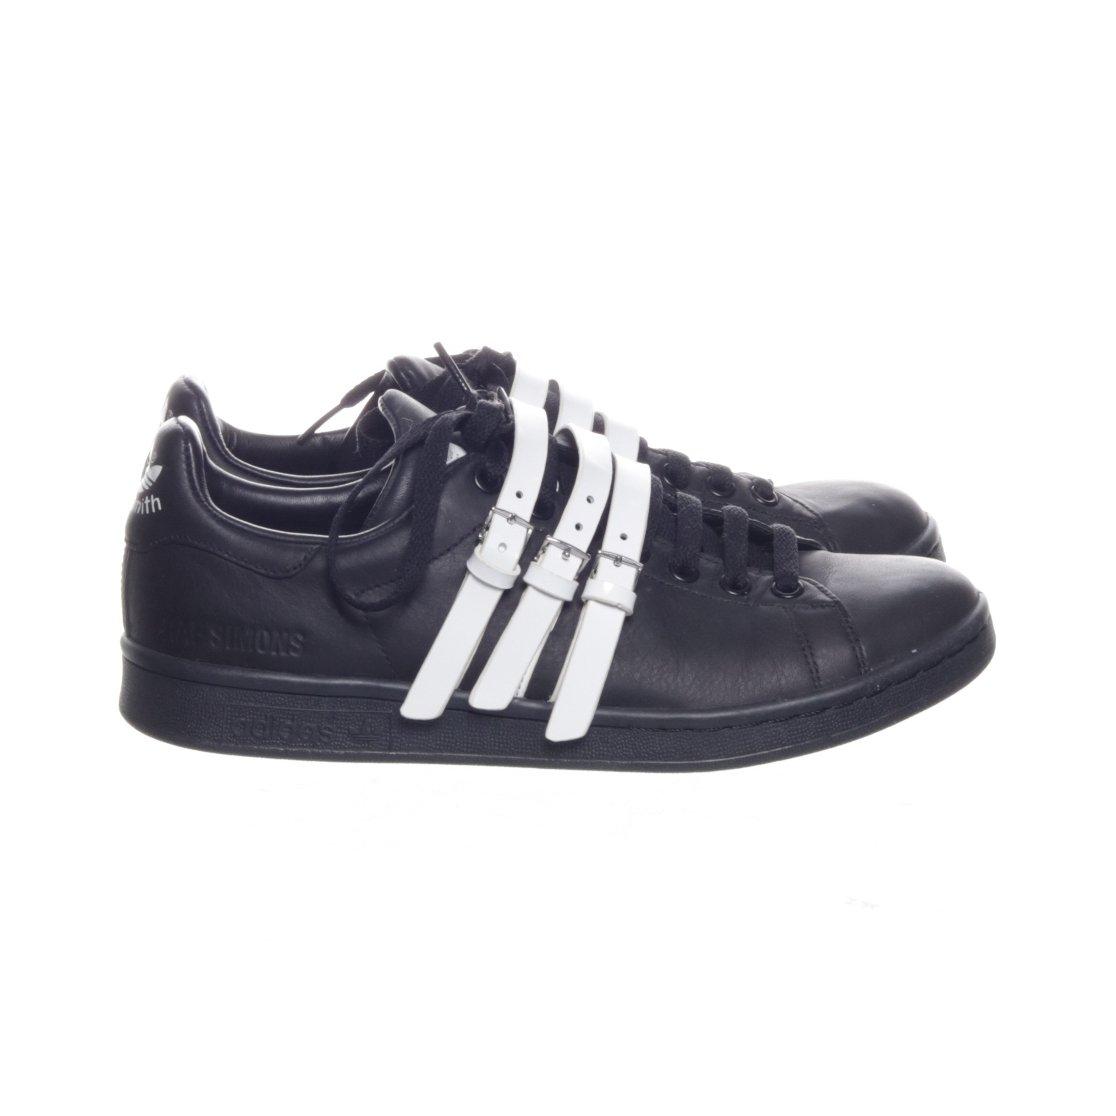 adidas by Raf Simons Raf Simons Stan Smith Aged | Svart